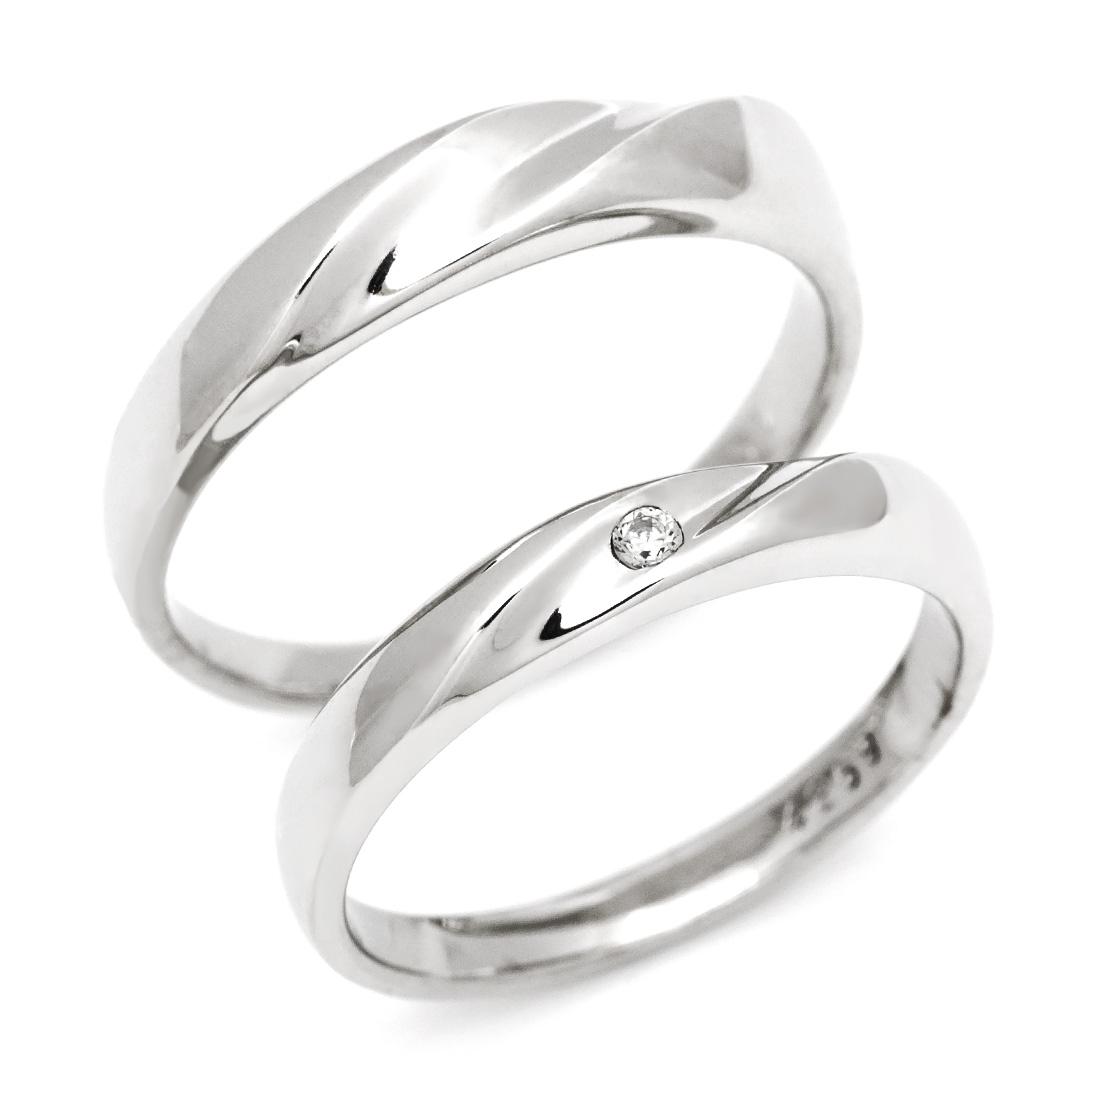 マリッジリング ダイヤモンド 「Line」 プラチナ900 (レディース:1~20号 メンズ:10~29号)